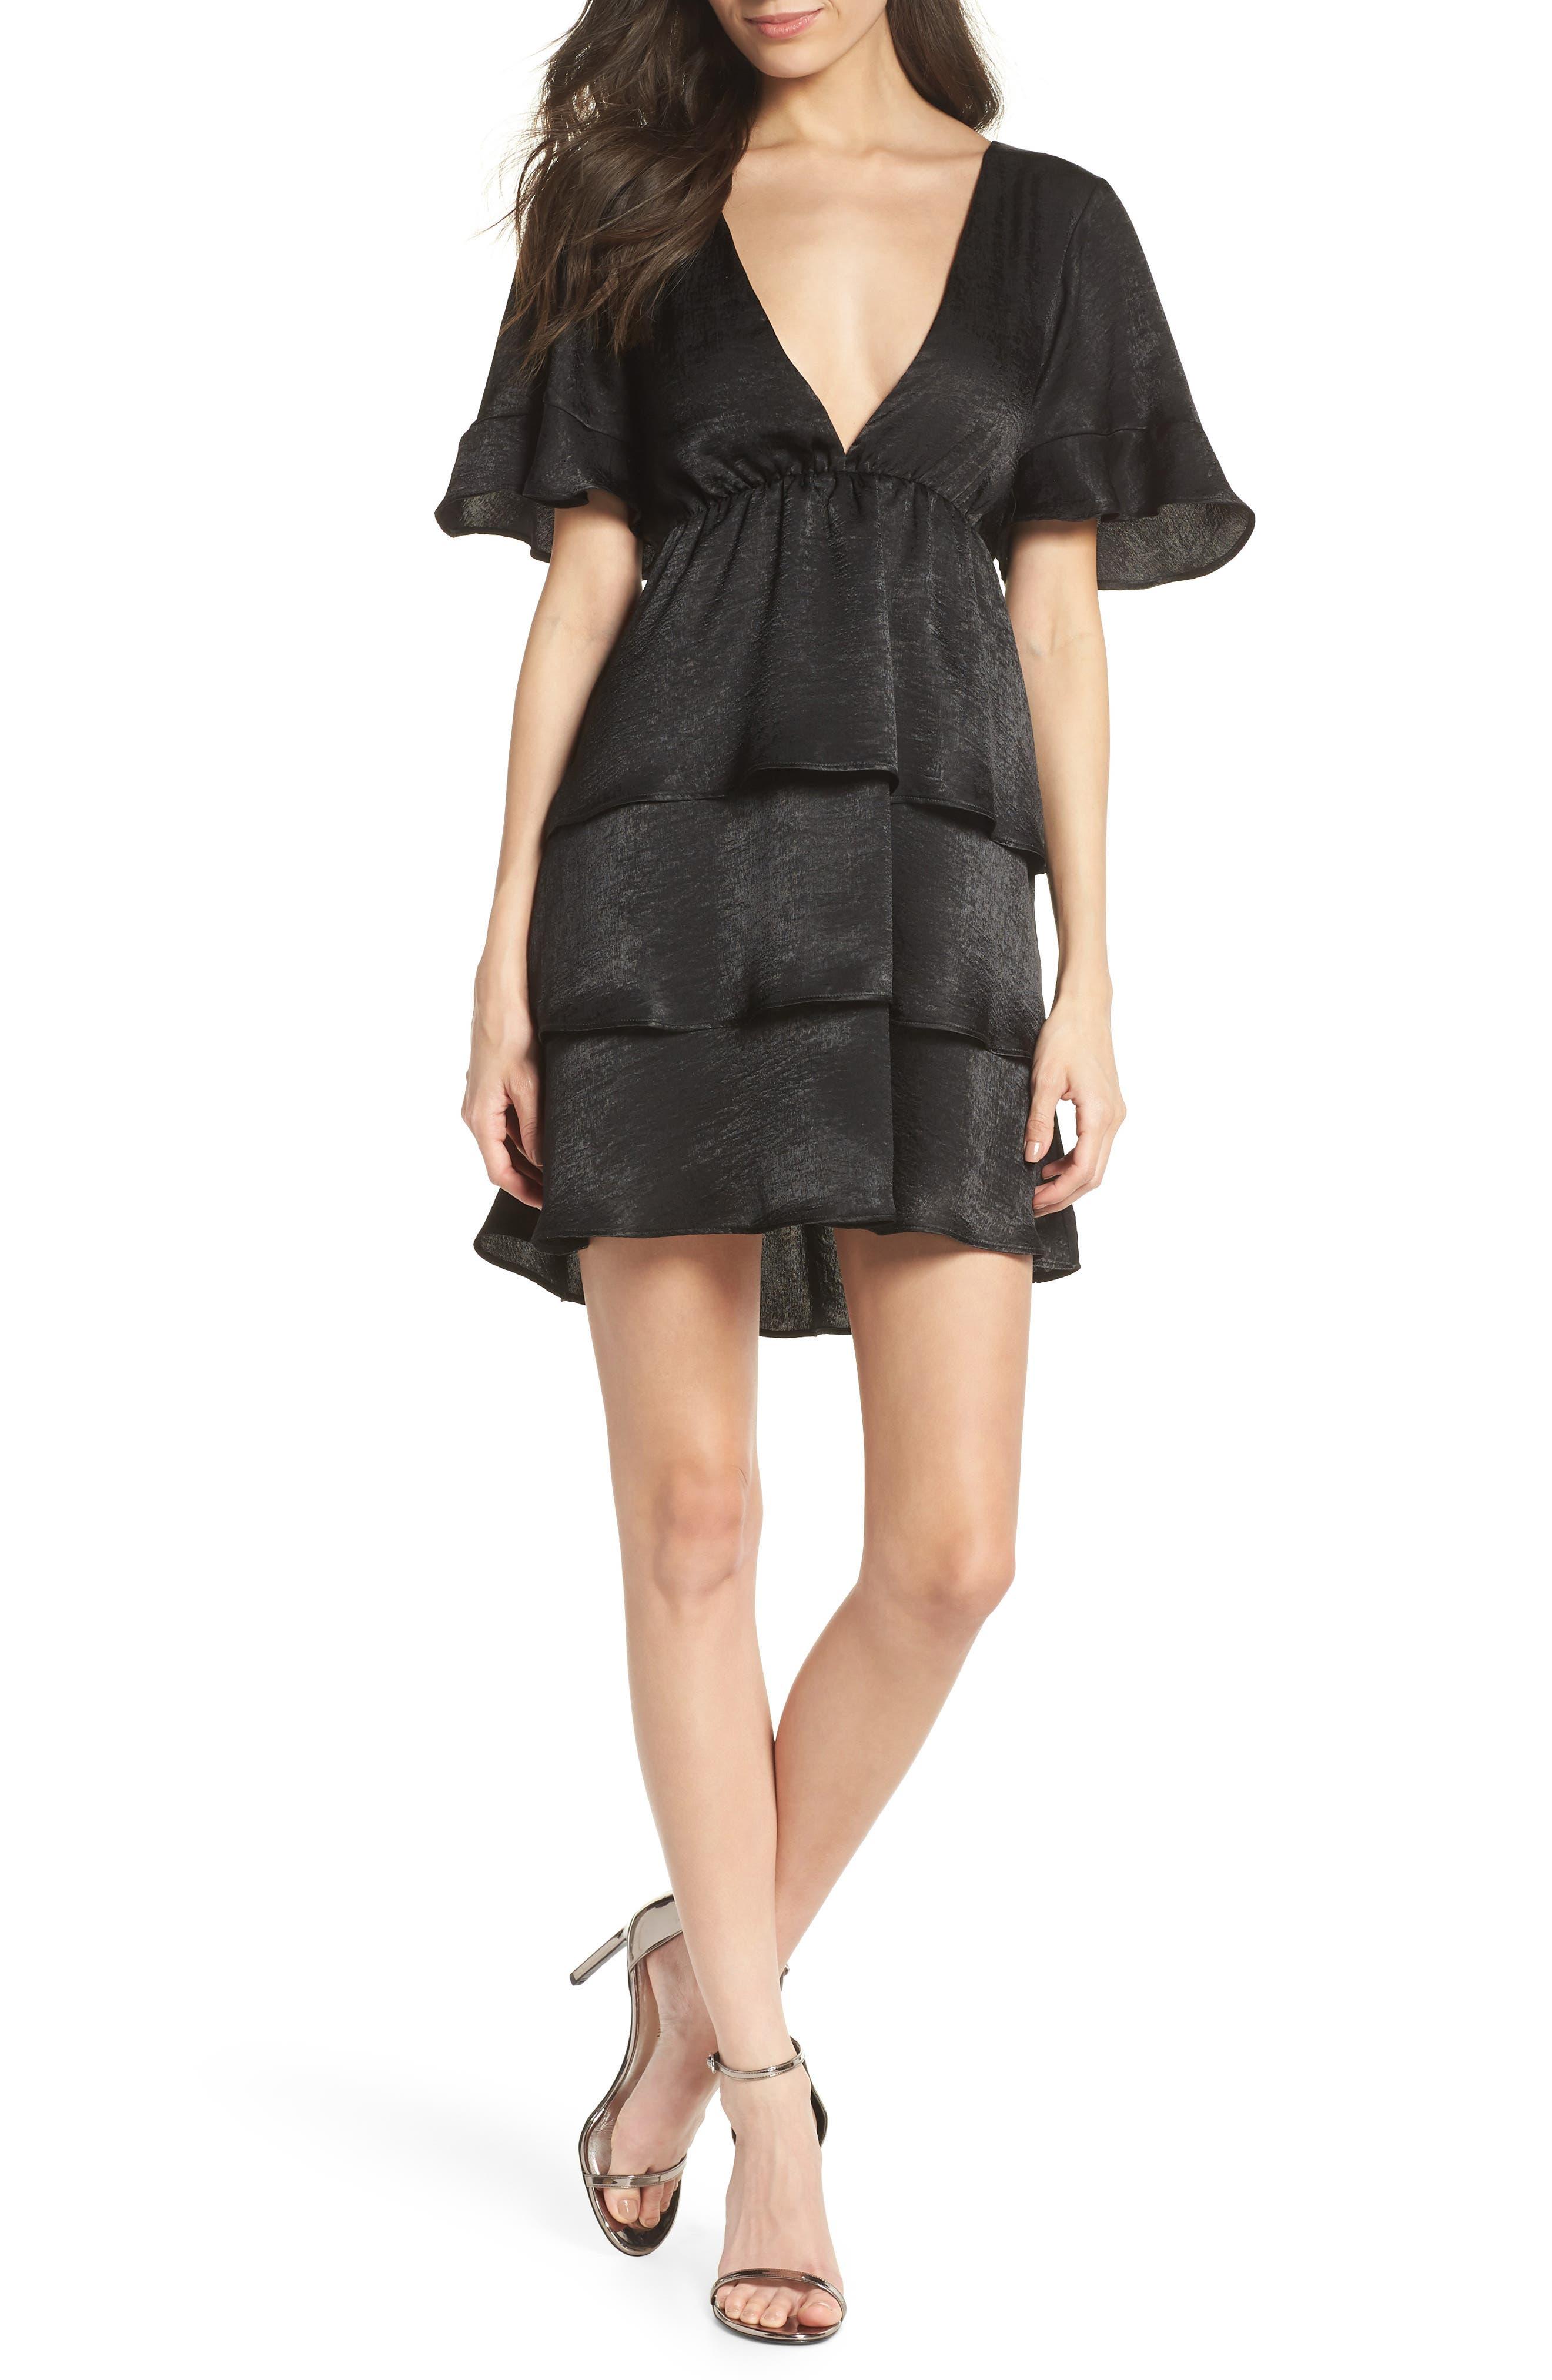 Dulce Minidress,                             Main thumbnail 1, color,                             Black Sheen